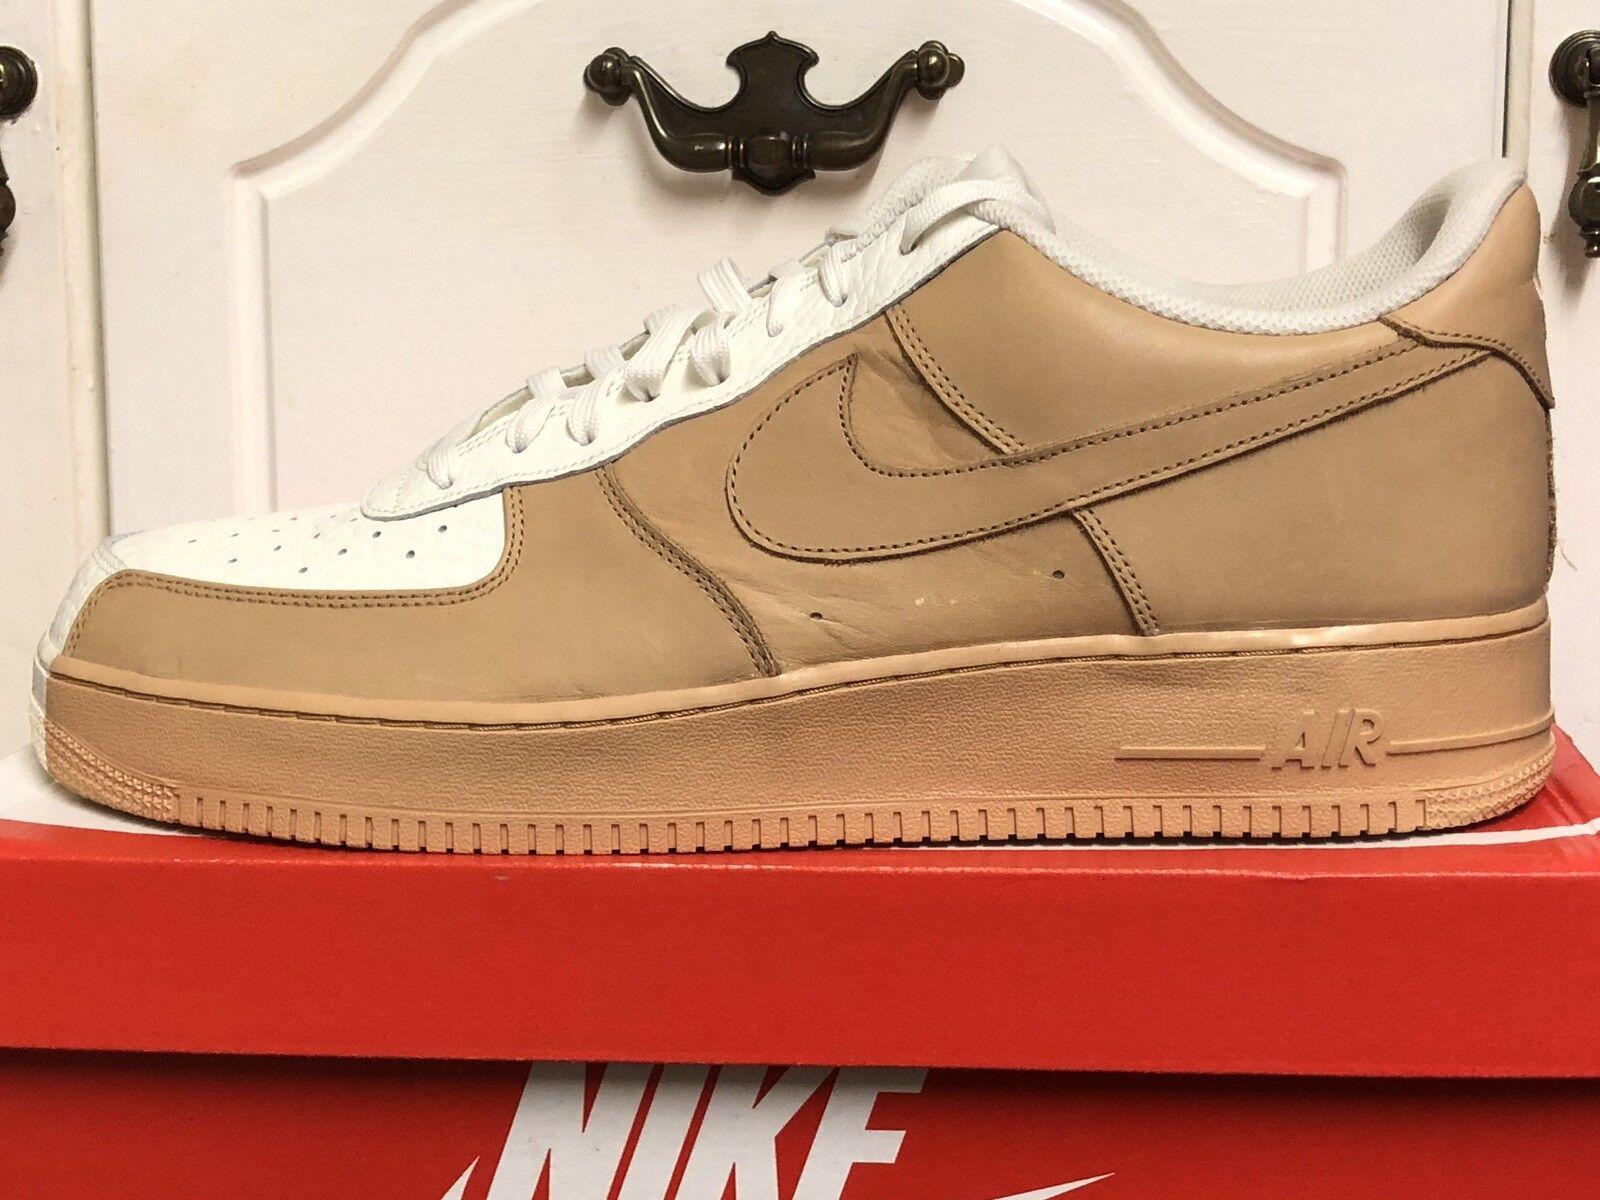 Nike Air Force 1 '07 Premium Hombre Marrón 905345 201